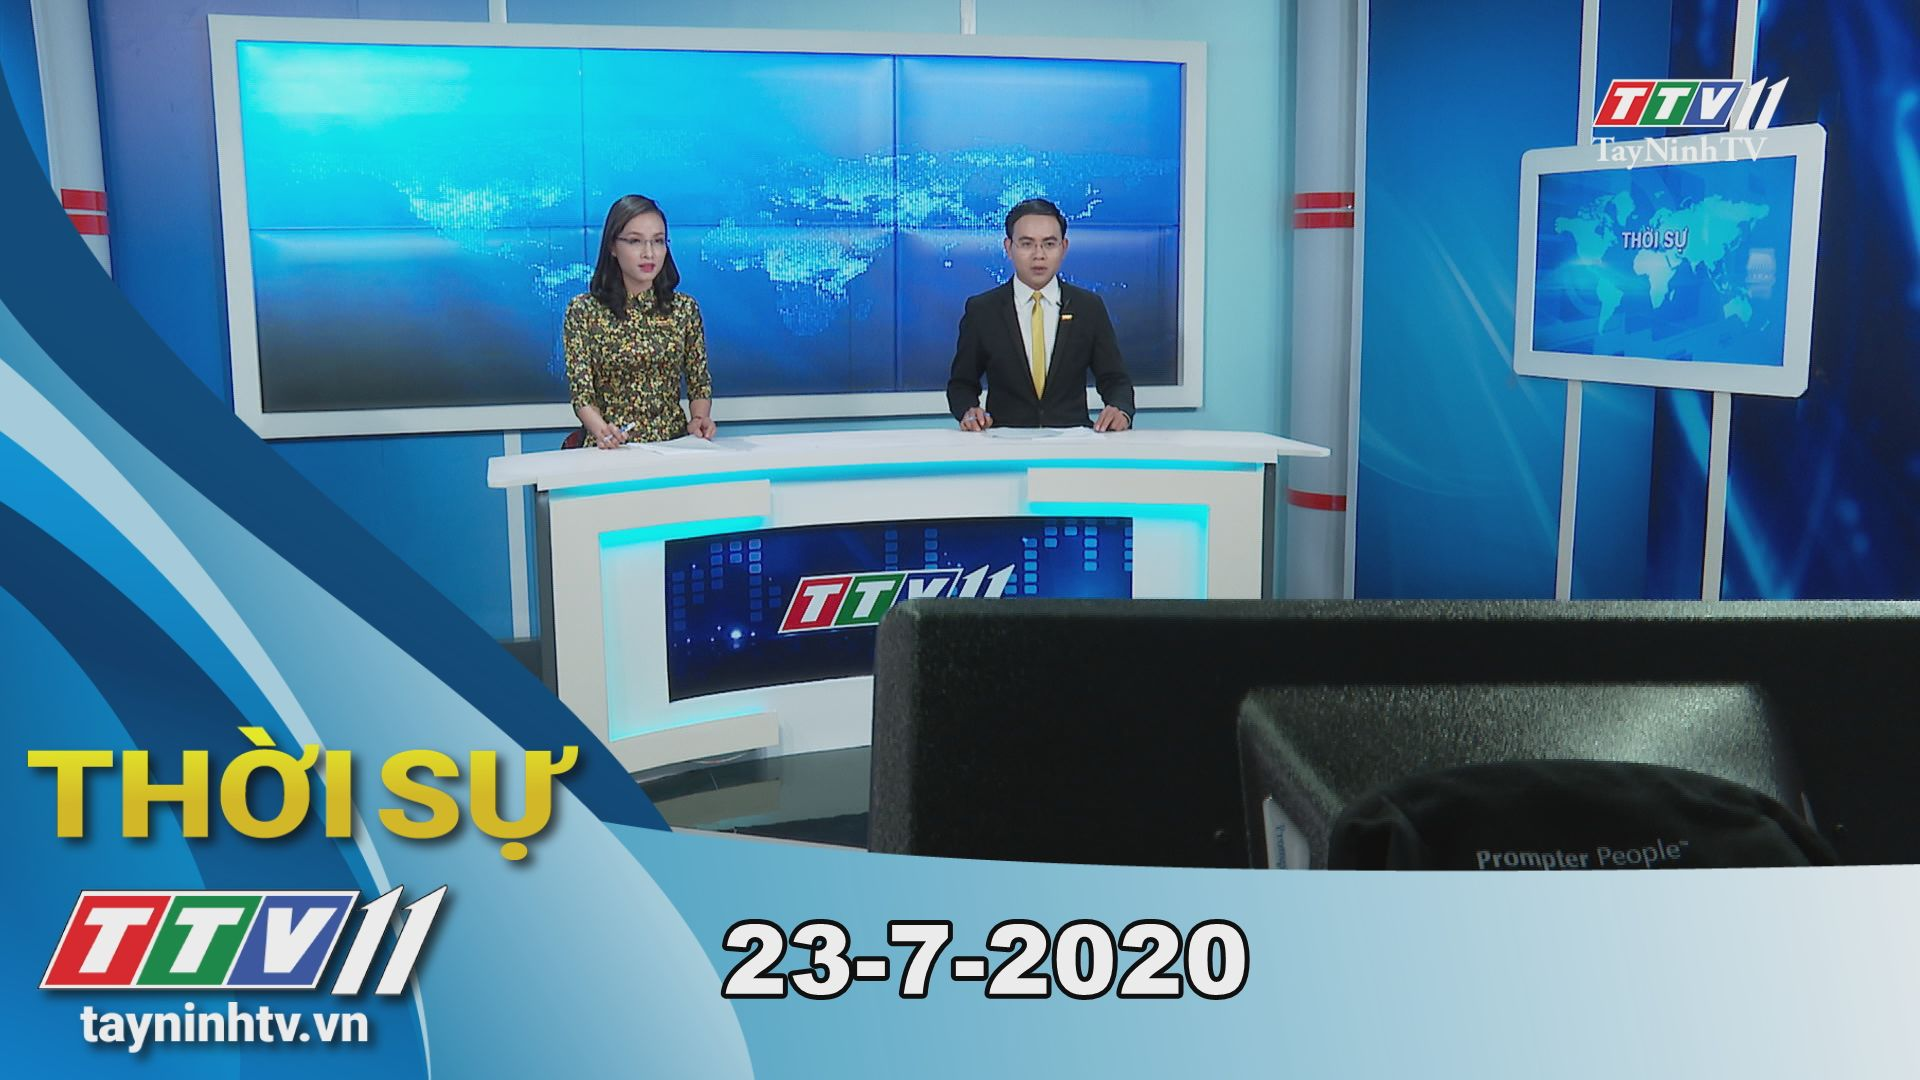 Thời sự Tây Ninh 23-7-2020 | Tin tức hôm nay | TayNinhTV